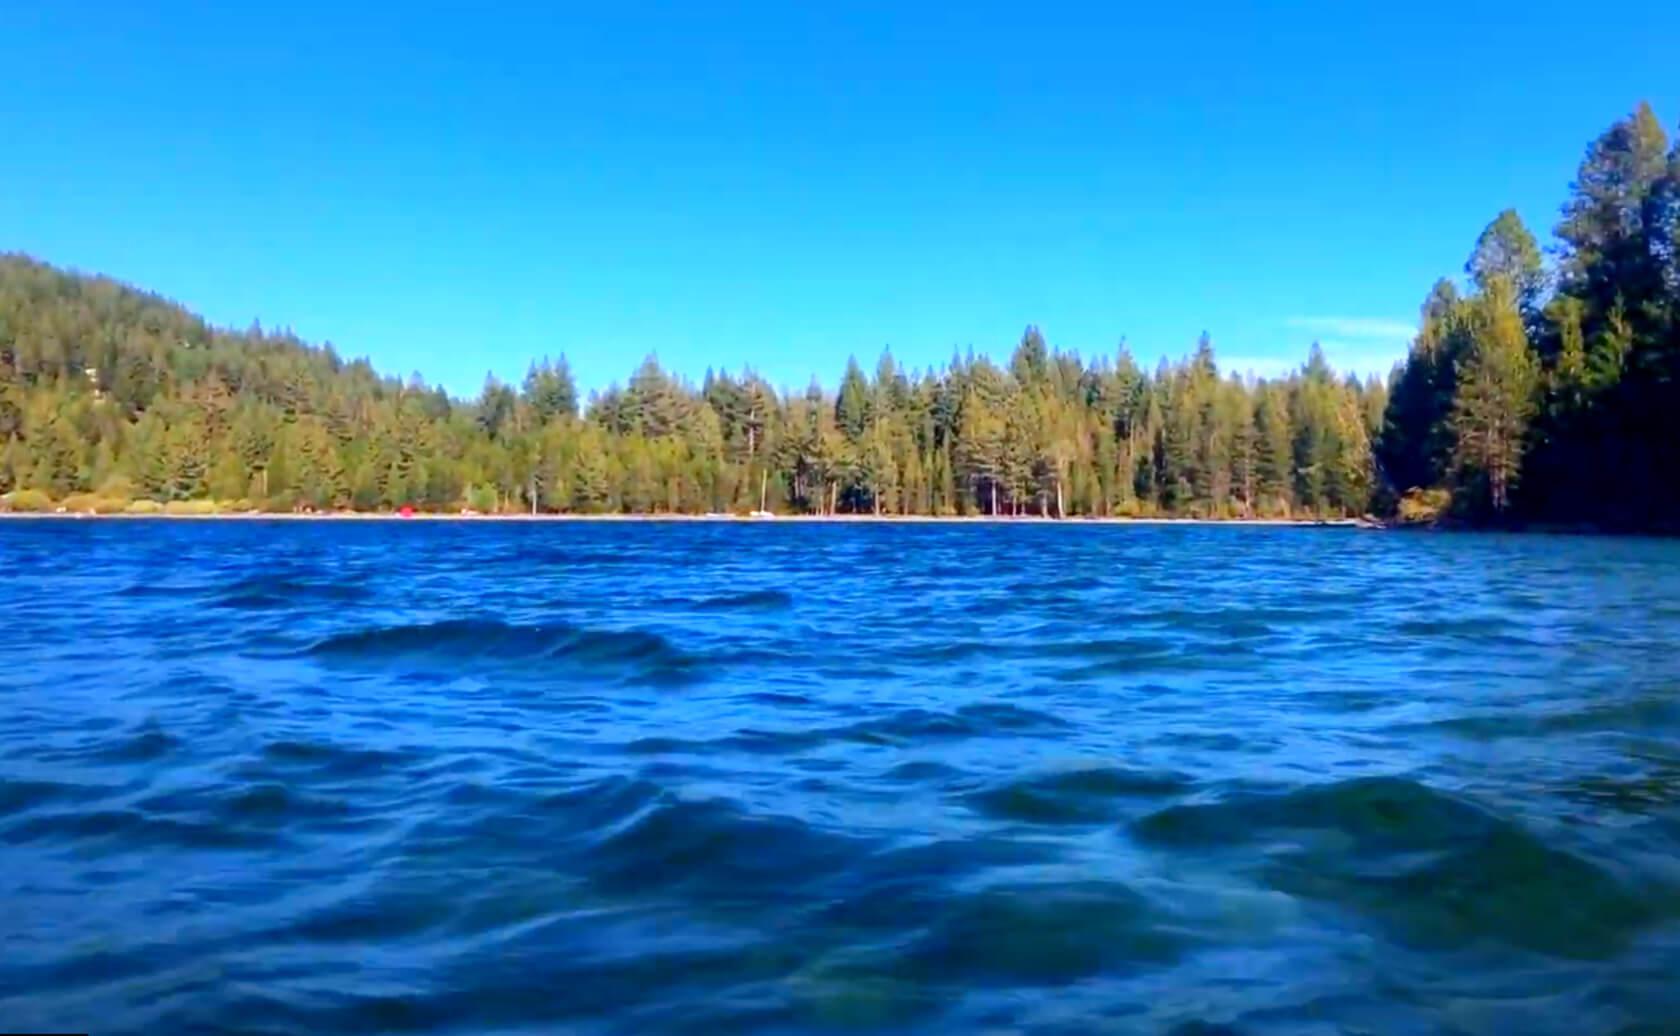 Donner-Lake-Fishing-Guide-Report-California-04